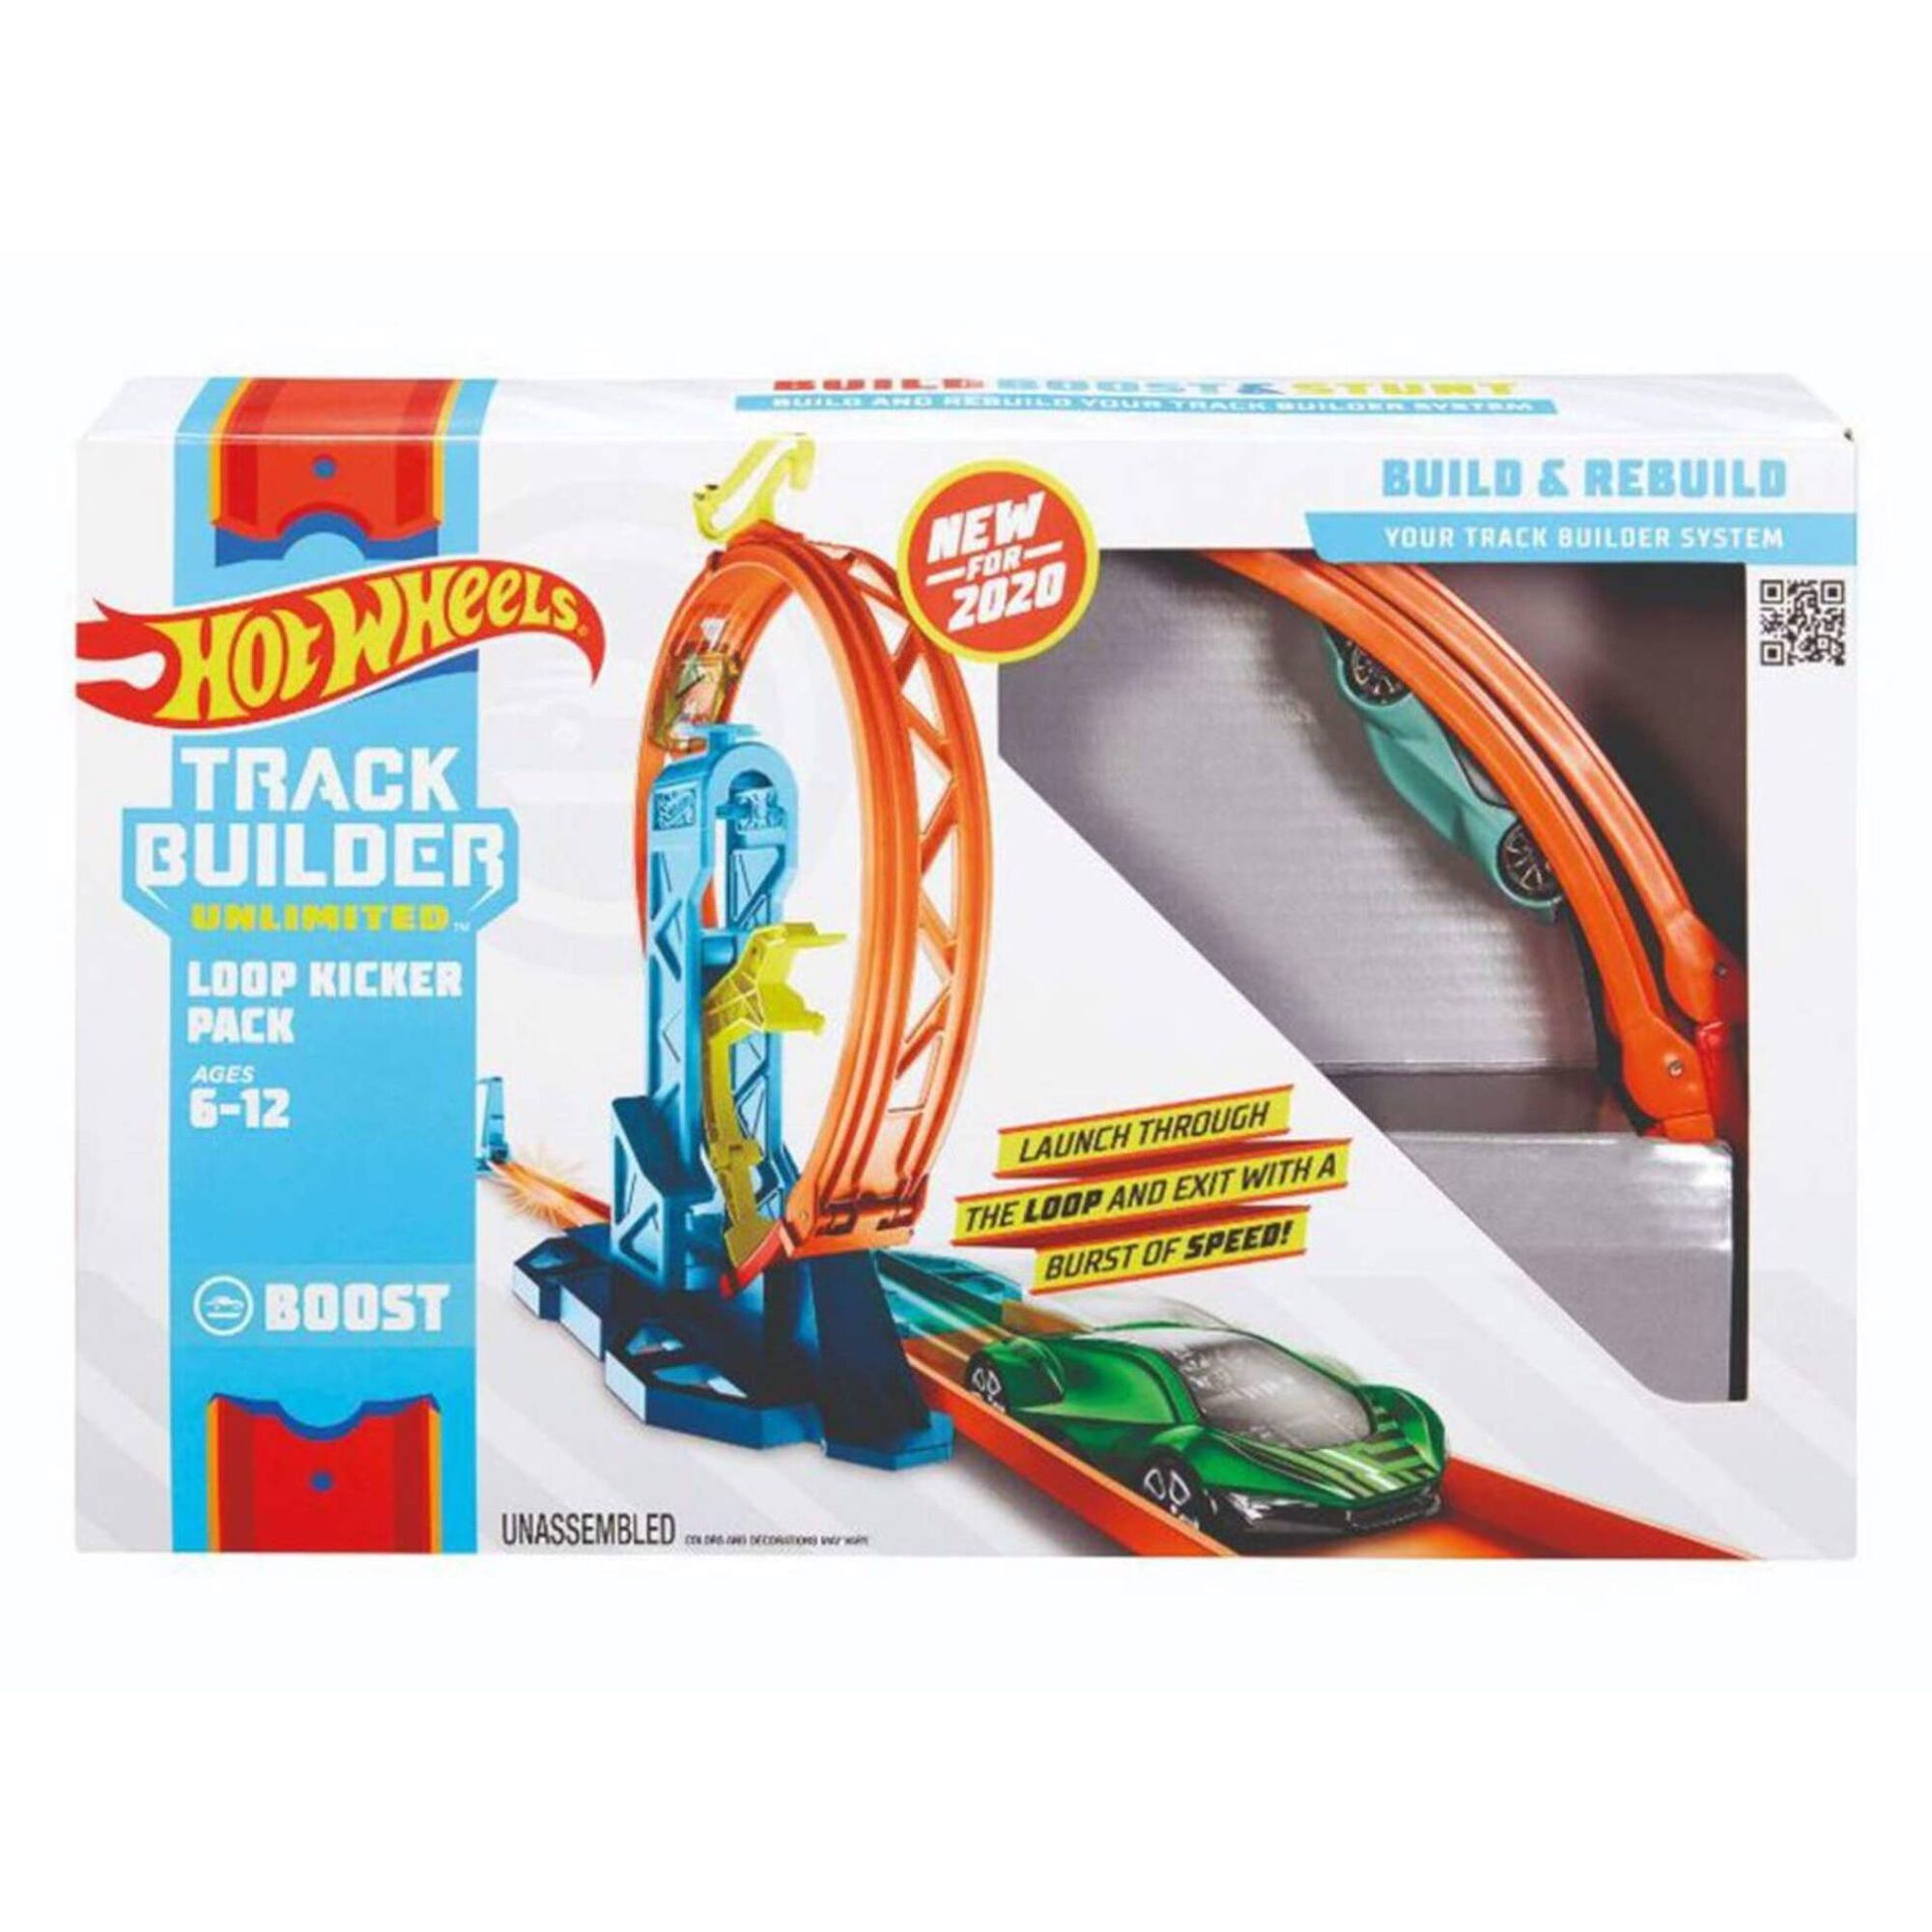 Pack Track Builder Hot Wheels (vários modelos)